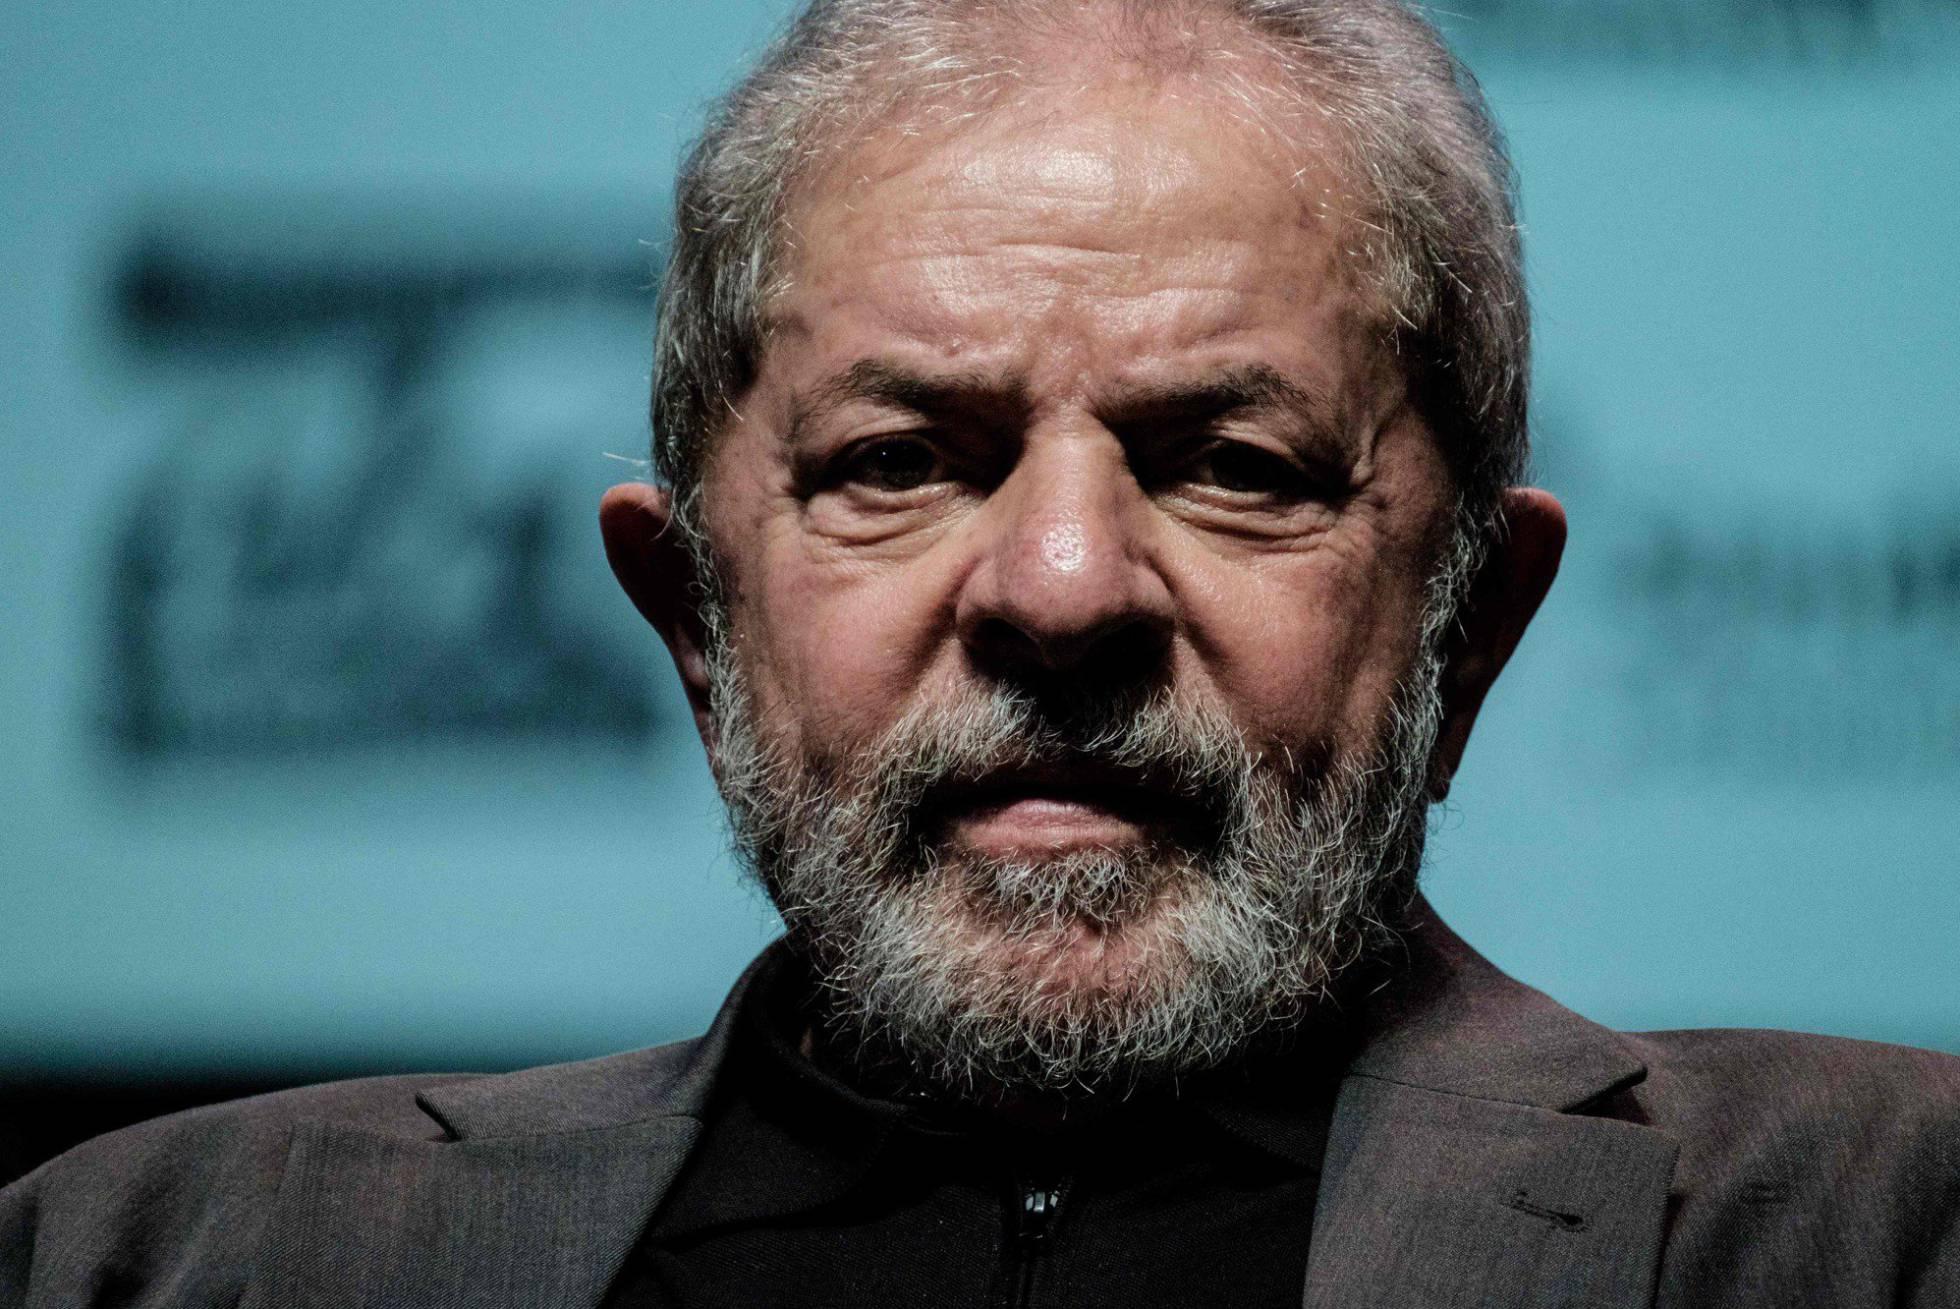 O ex-presidente está detido em uma cela especial na sede da Polícia Federal, em Curitiba. Foto: Arquivo / AFP